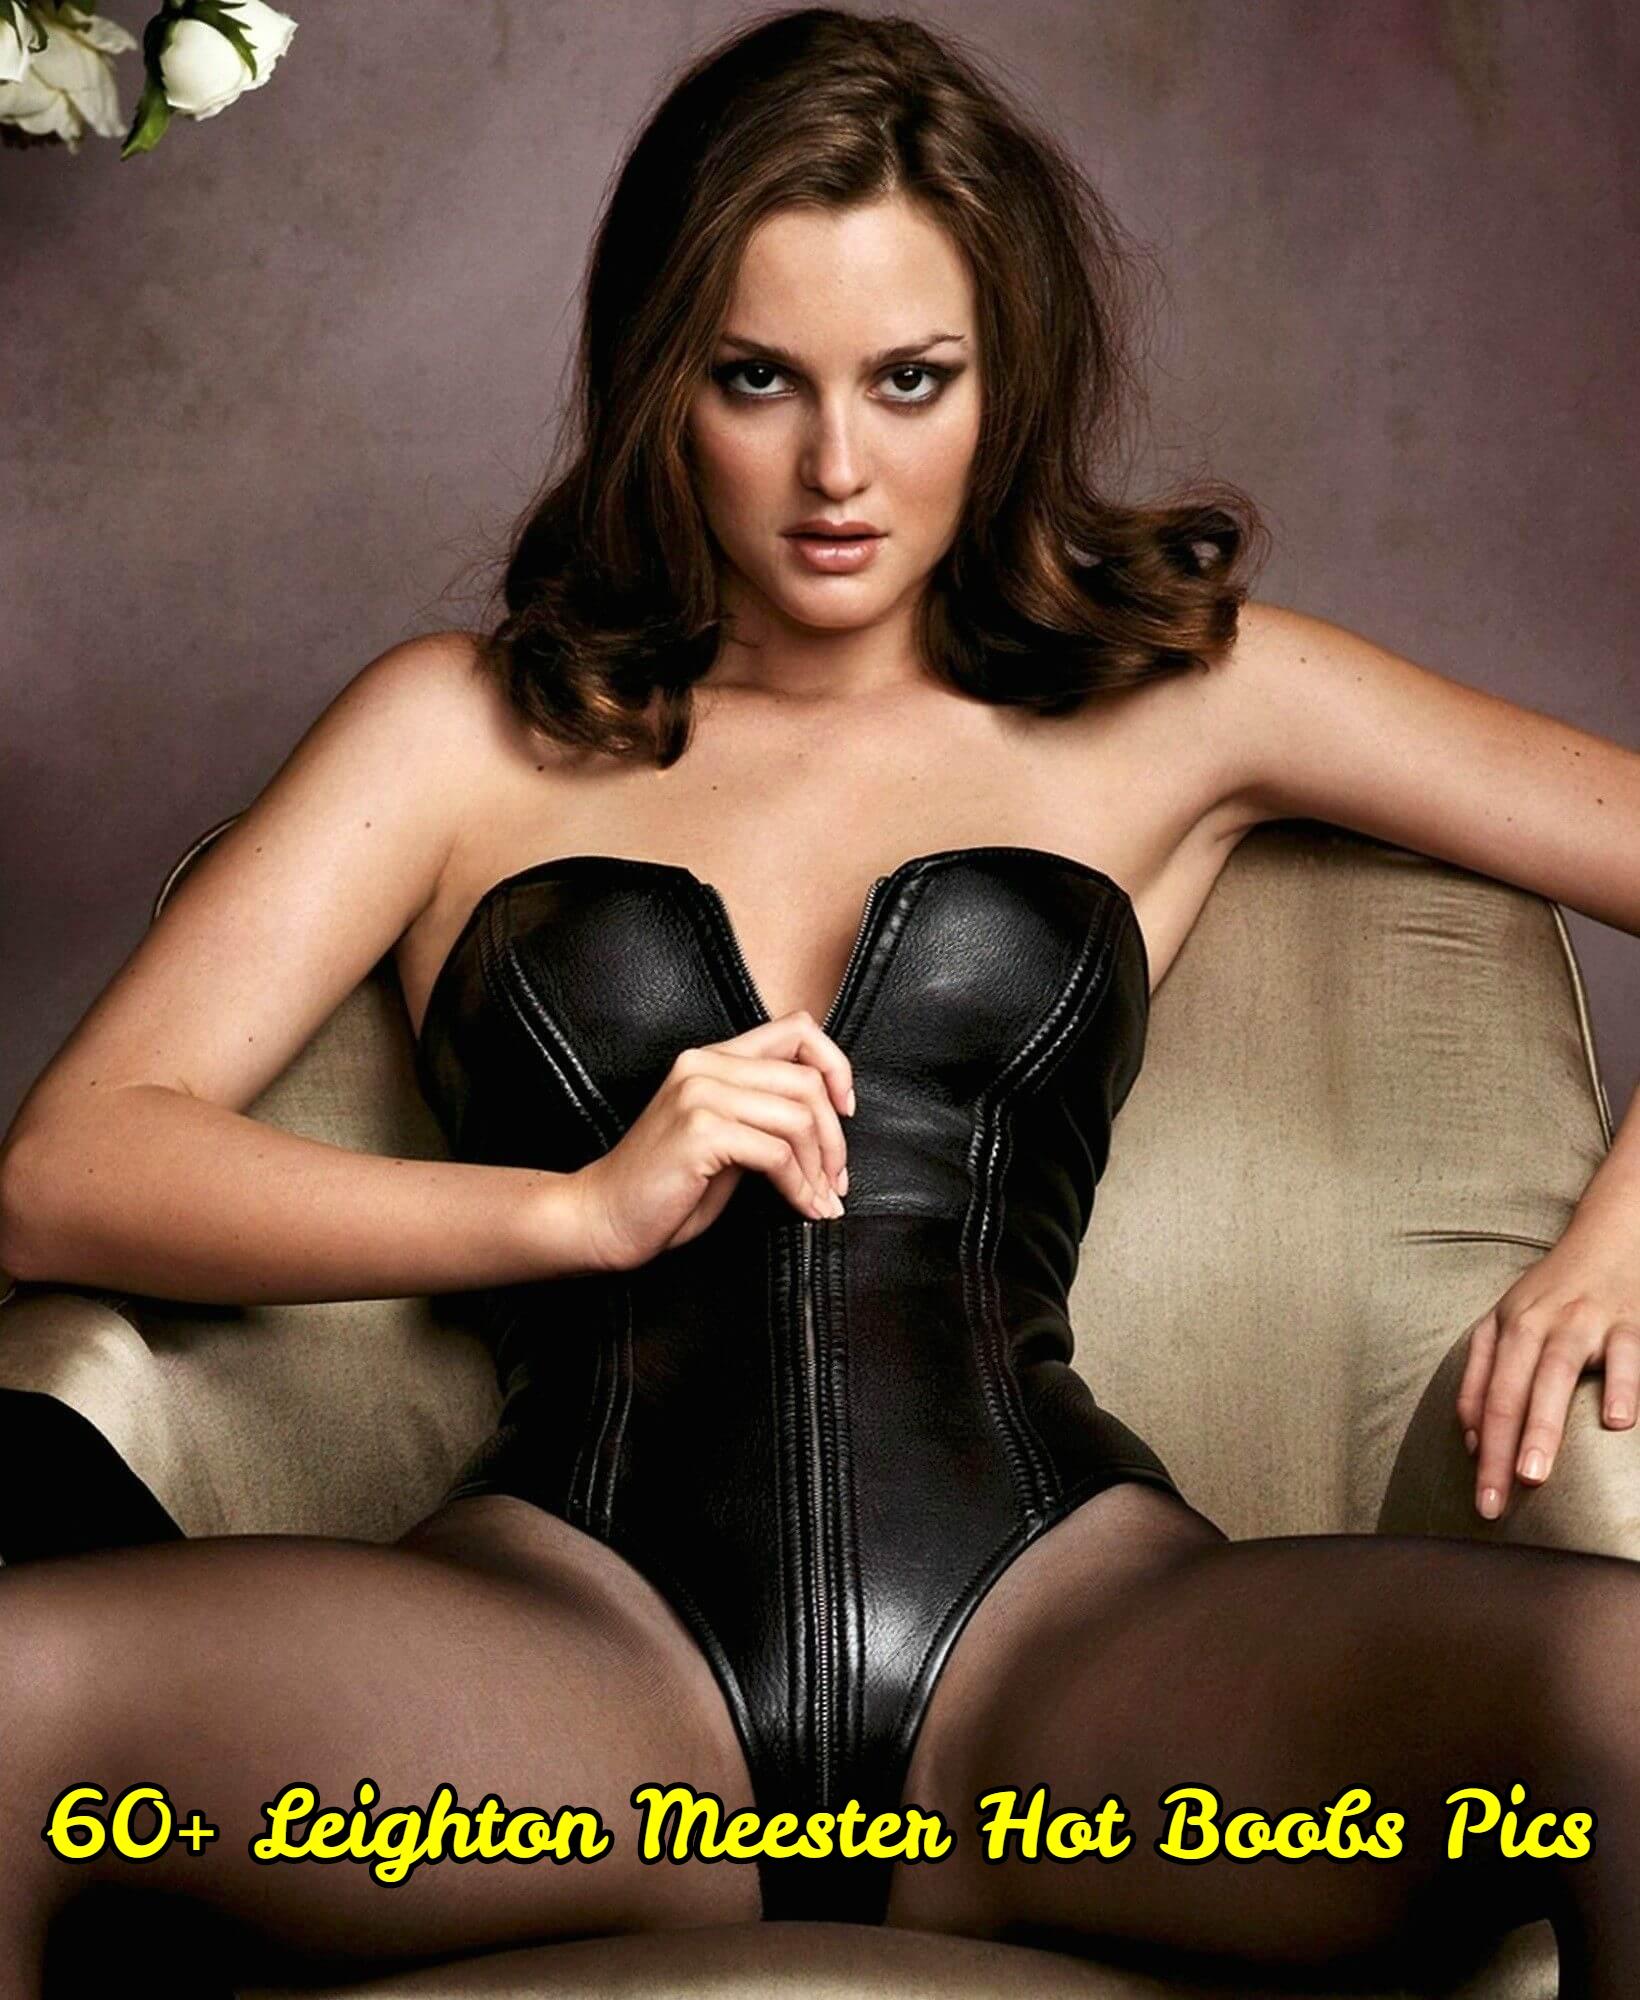 Leighton Meester hot boobs pics